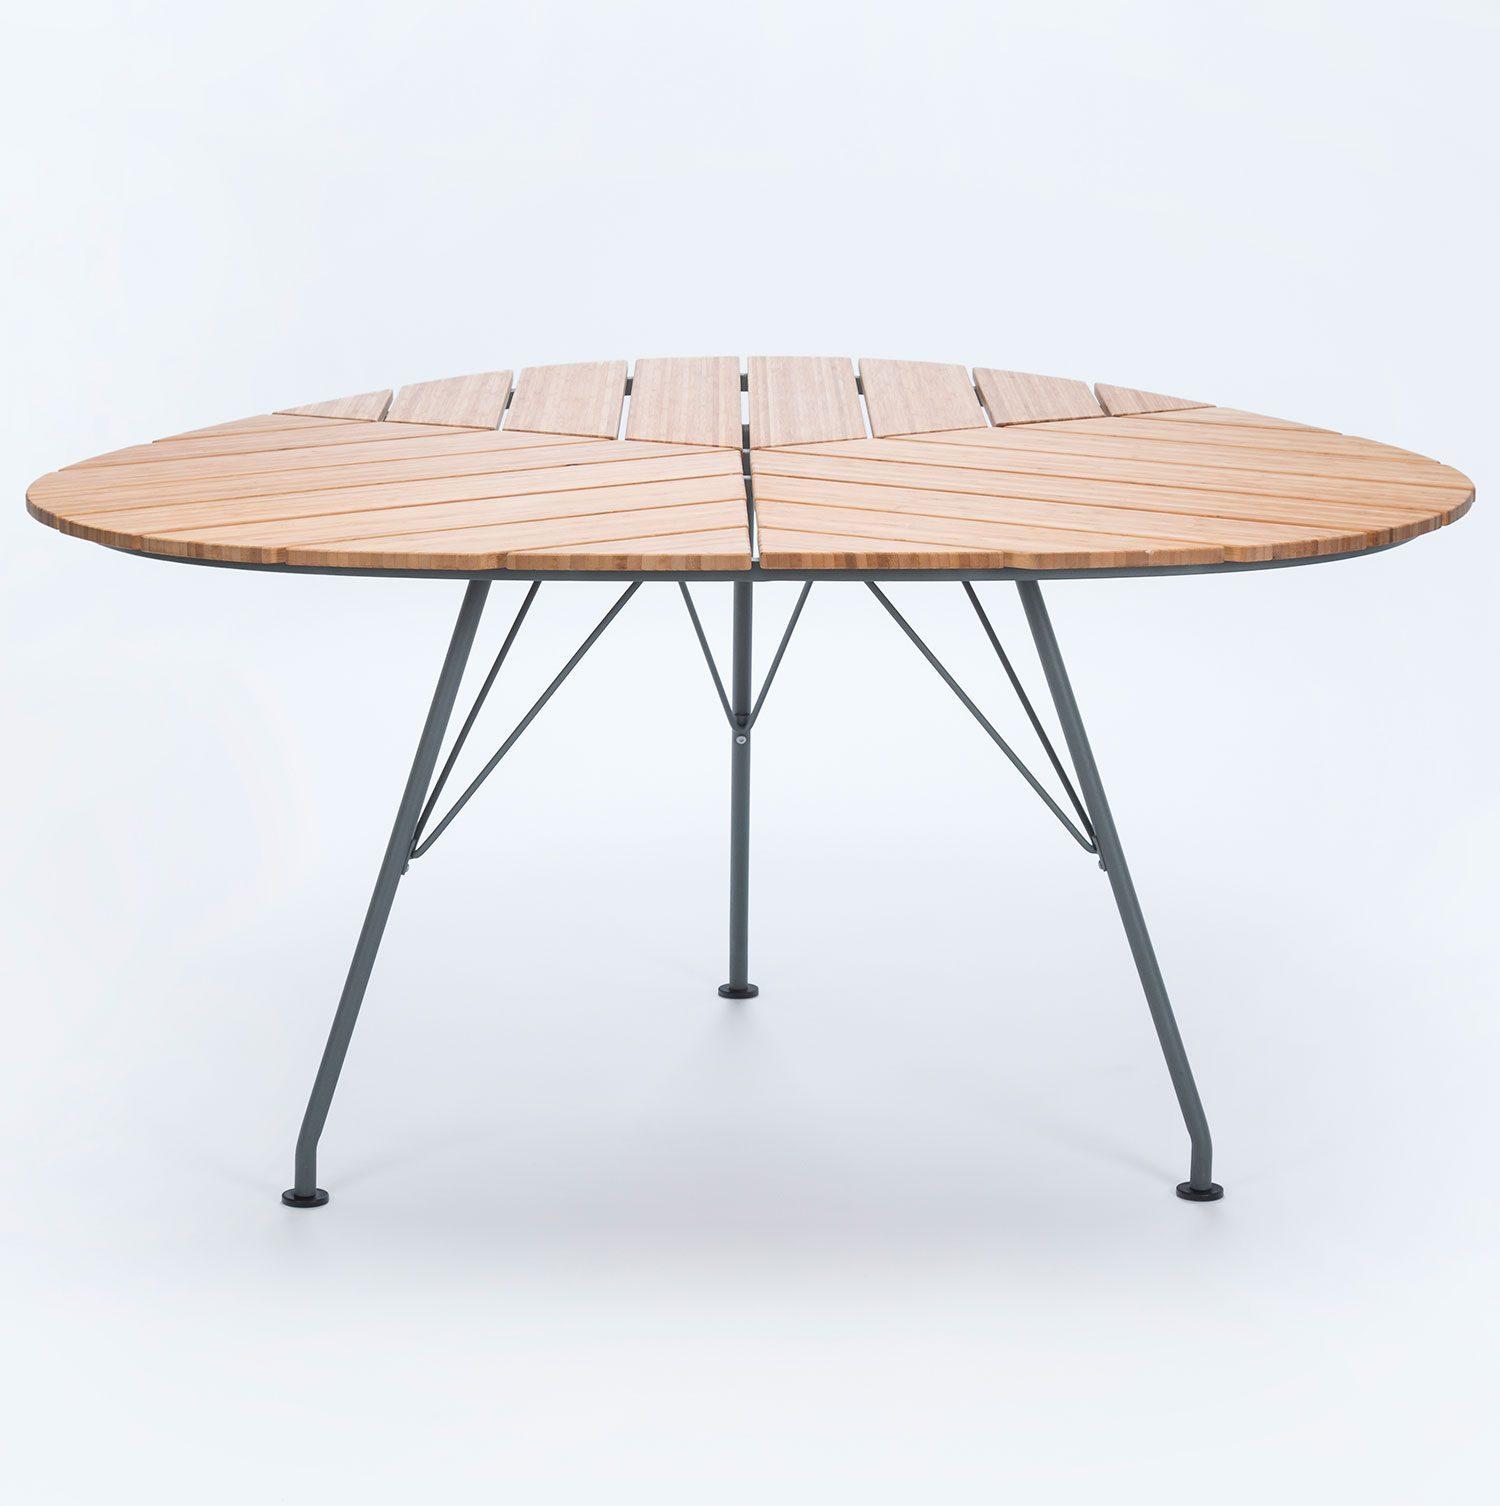 Leaf är ett trekantigt bord från danska Houe med bambuskiva och stålstativ.